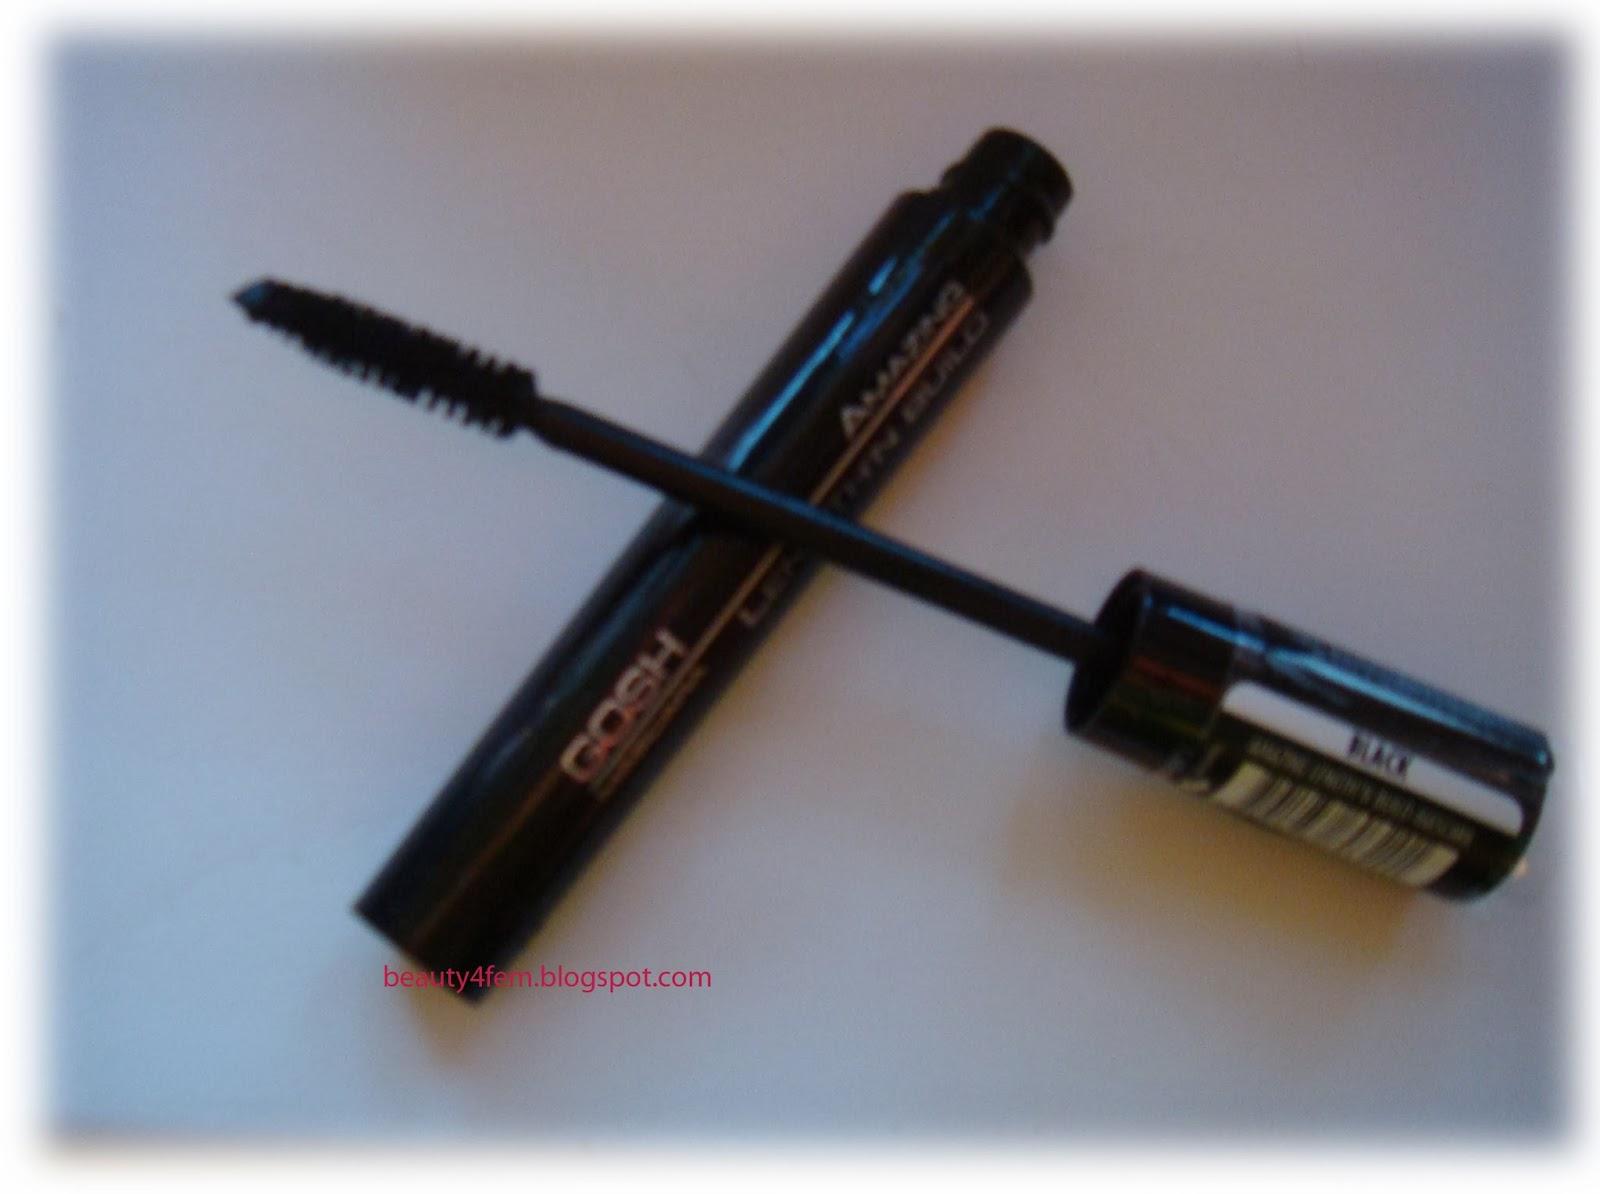 Gosh amazing length n build mascara тушь для ресниц длина разделение black